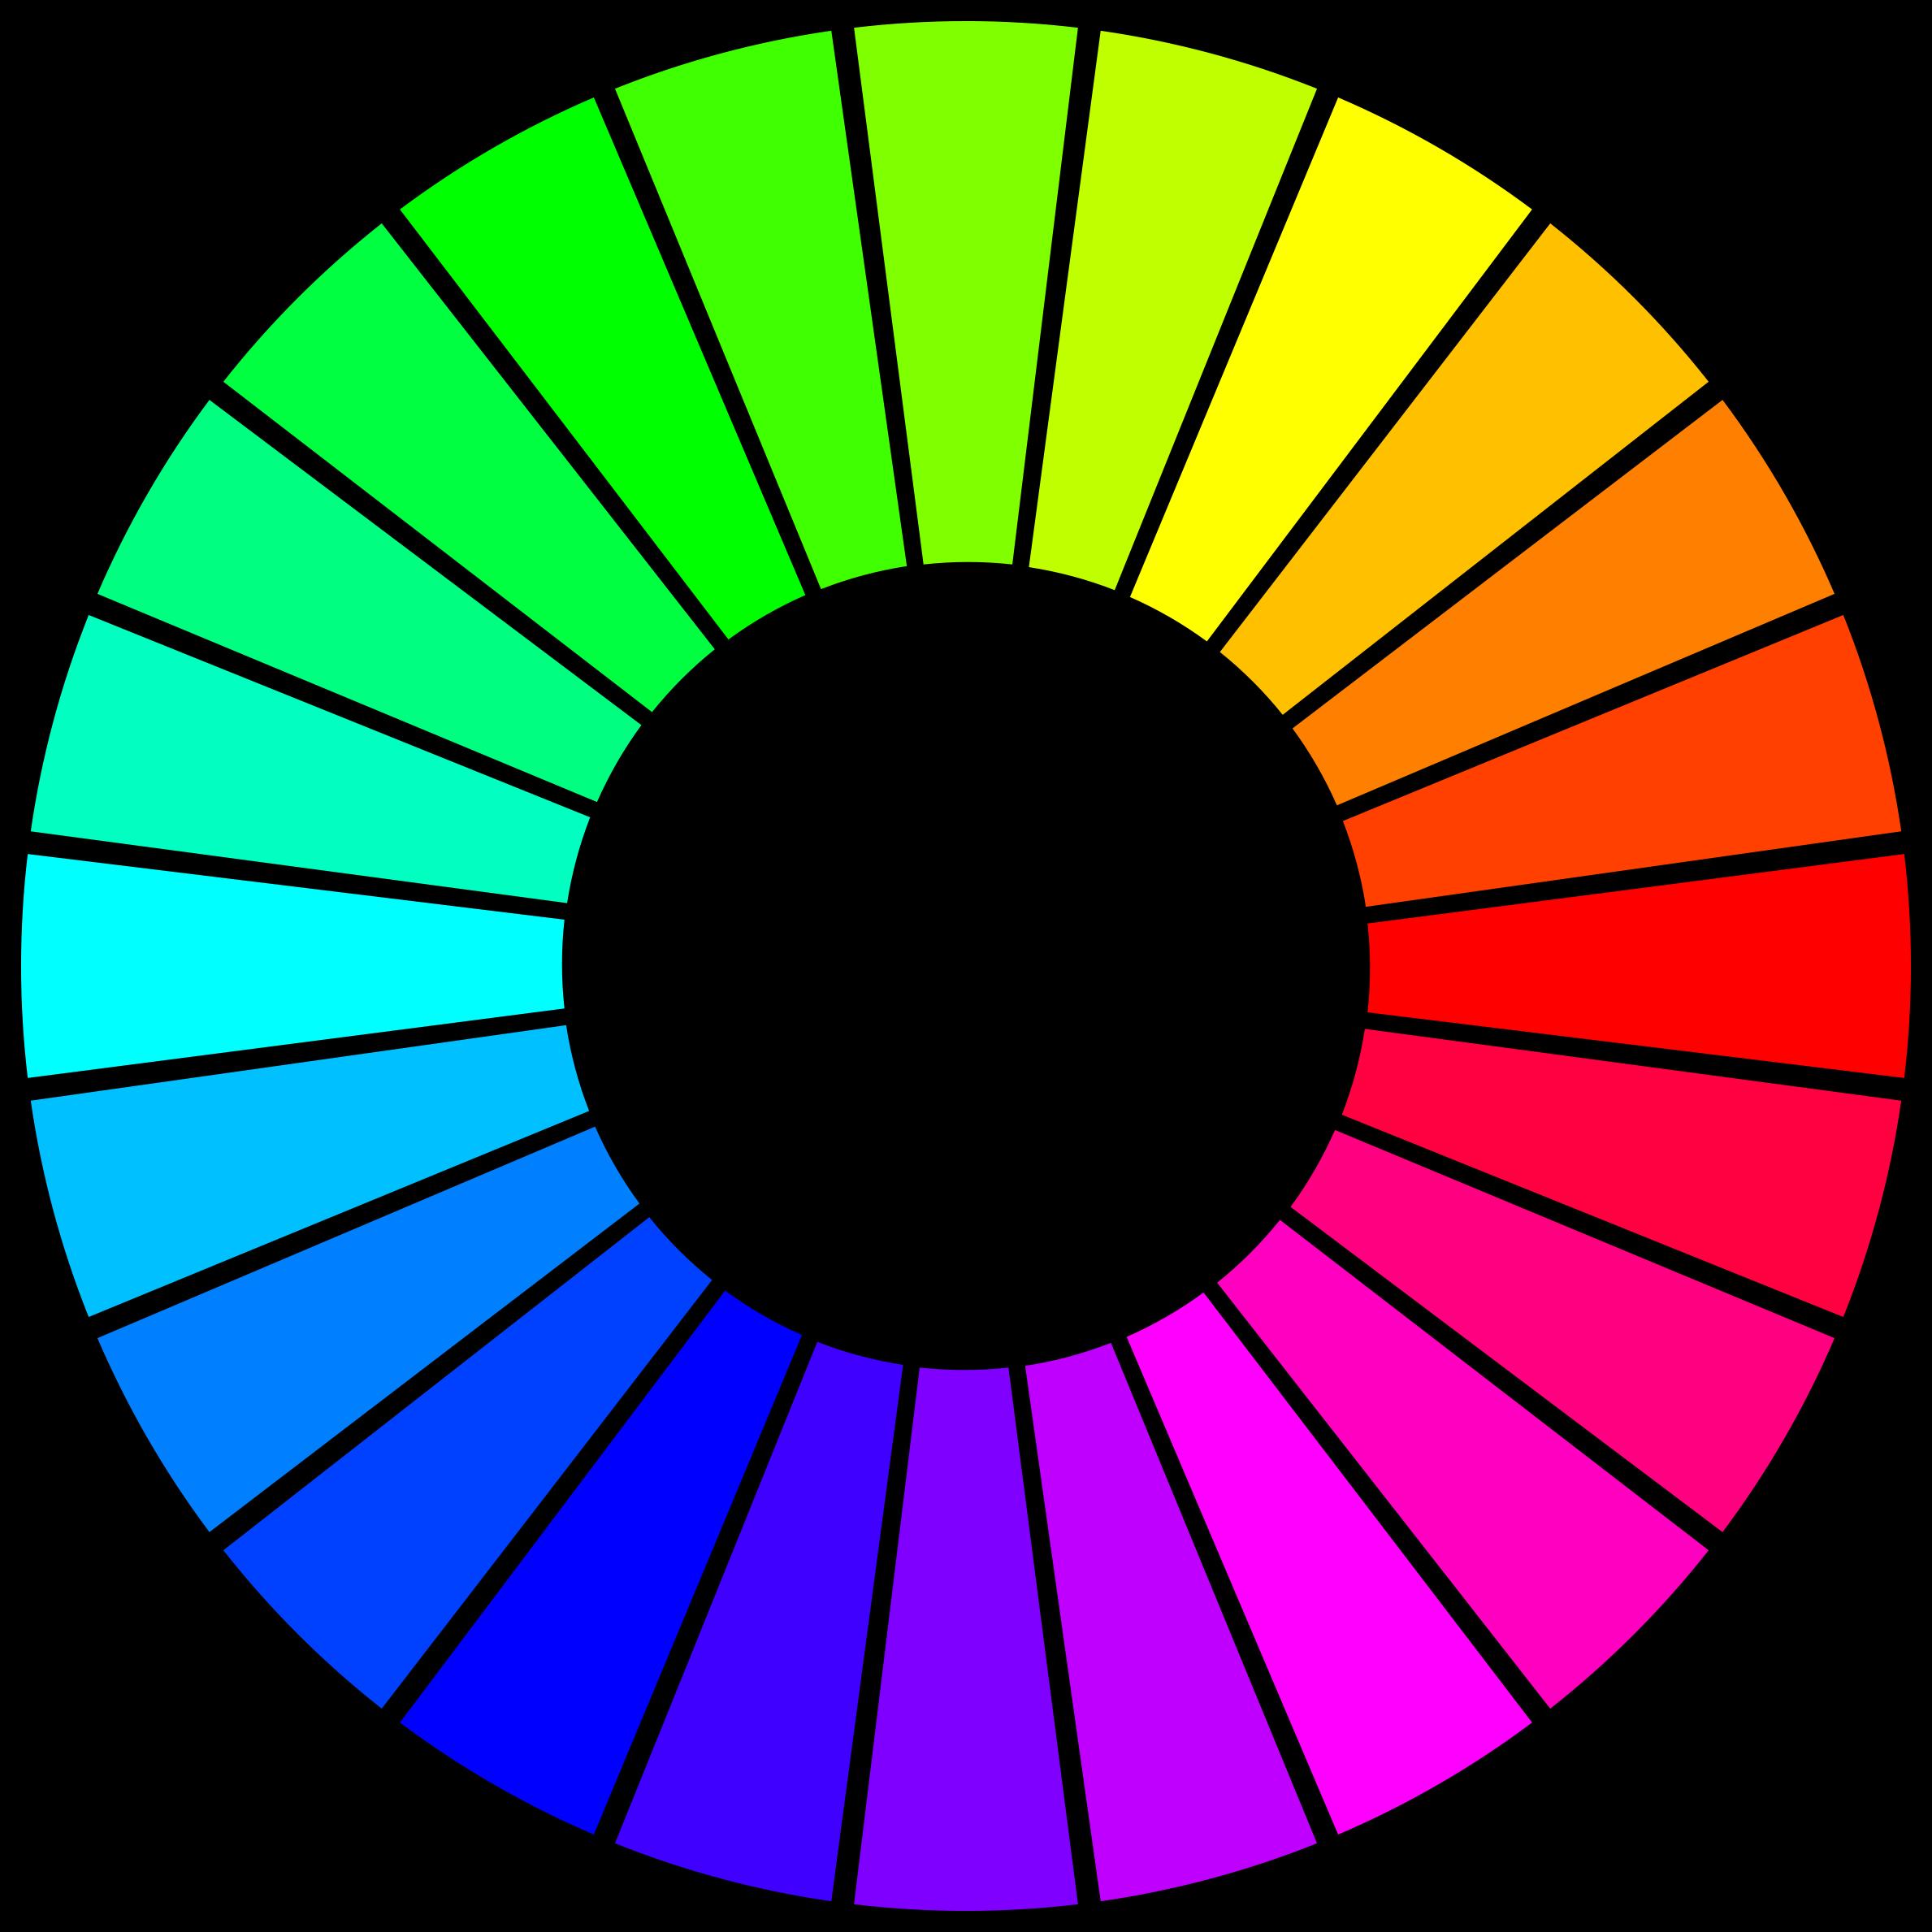 Wheel clipart circle thing. The hue big image